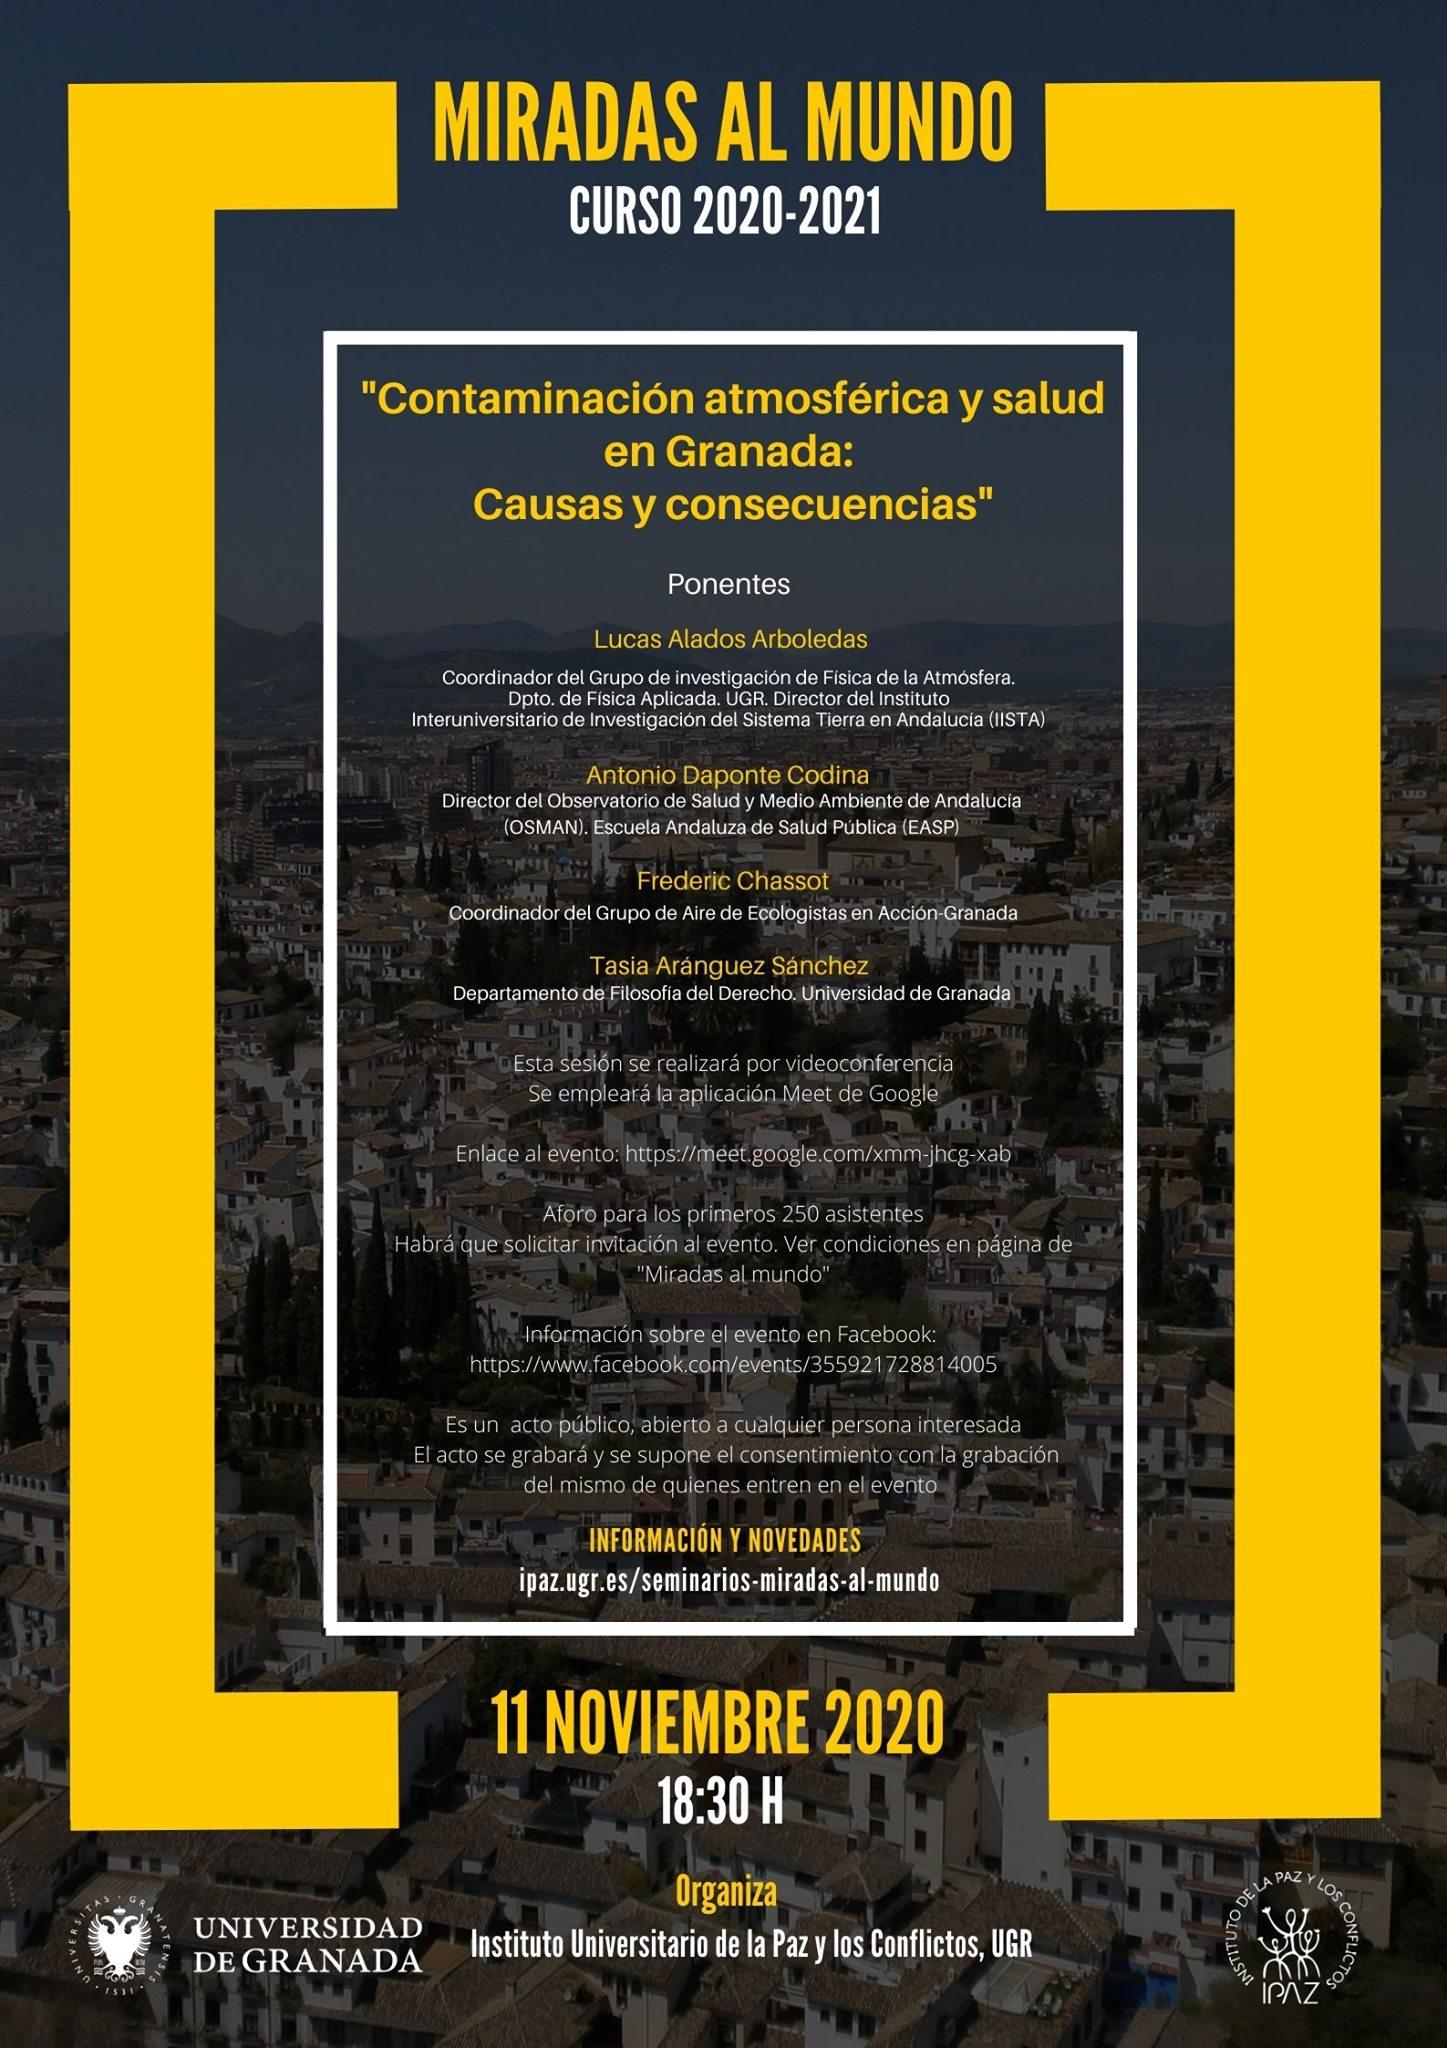 """""""Miradas al mundo"""" inaugura el nuevo curso con una sesión dedicada a la contaminación y la salud en Granada"""